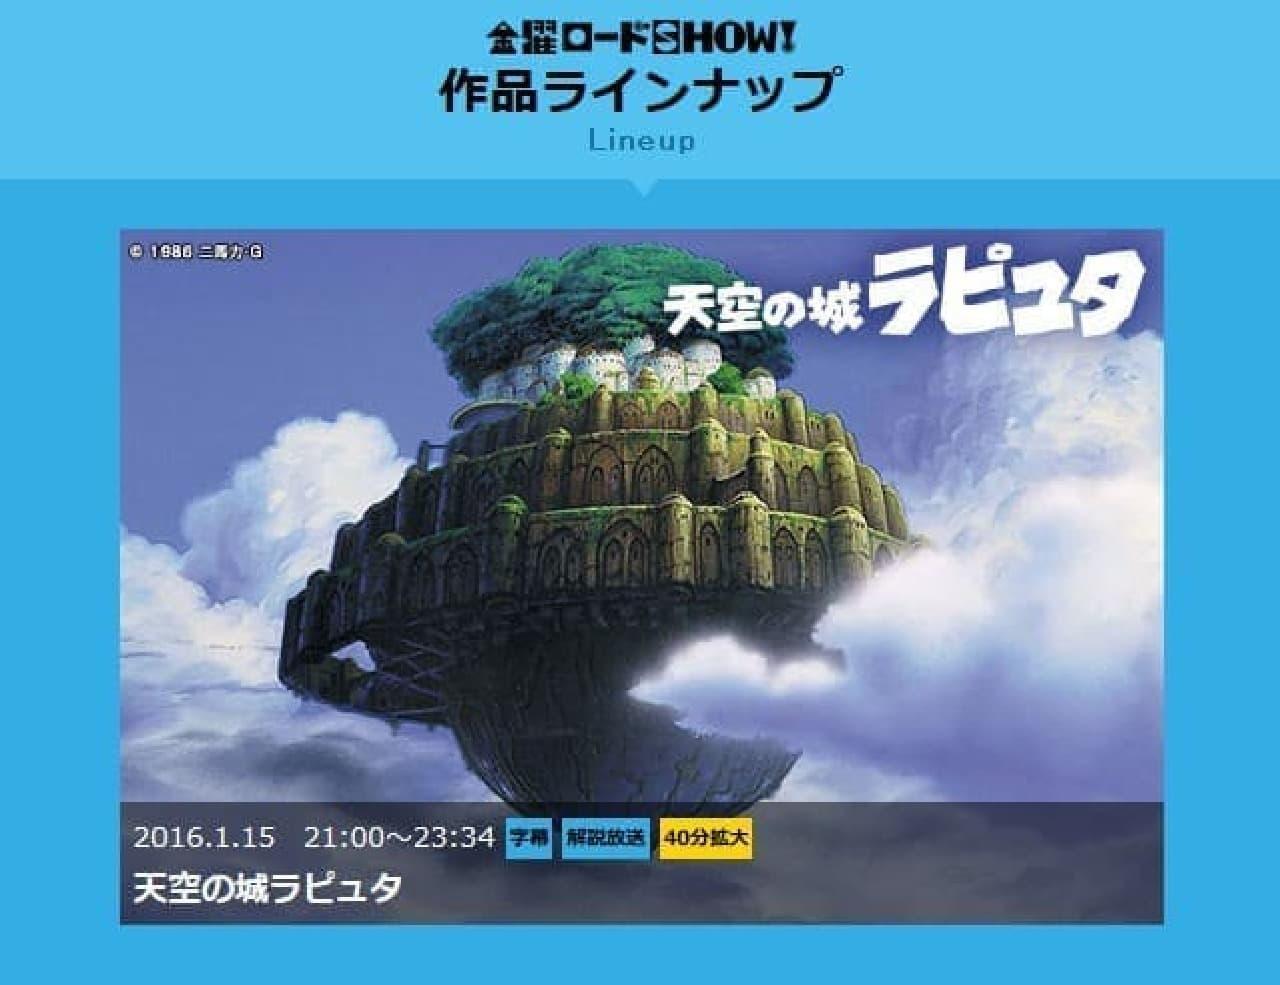 日本テレビの金曜ロードショーで15日21時から放送予定